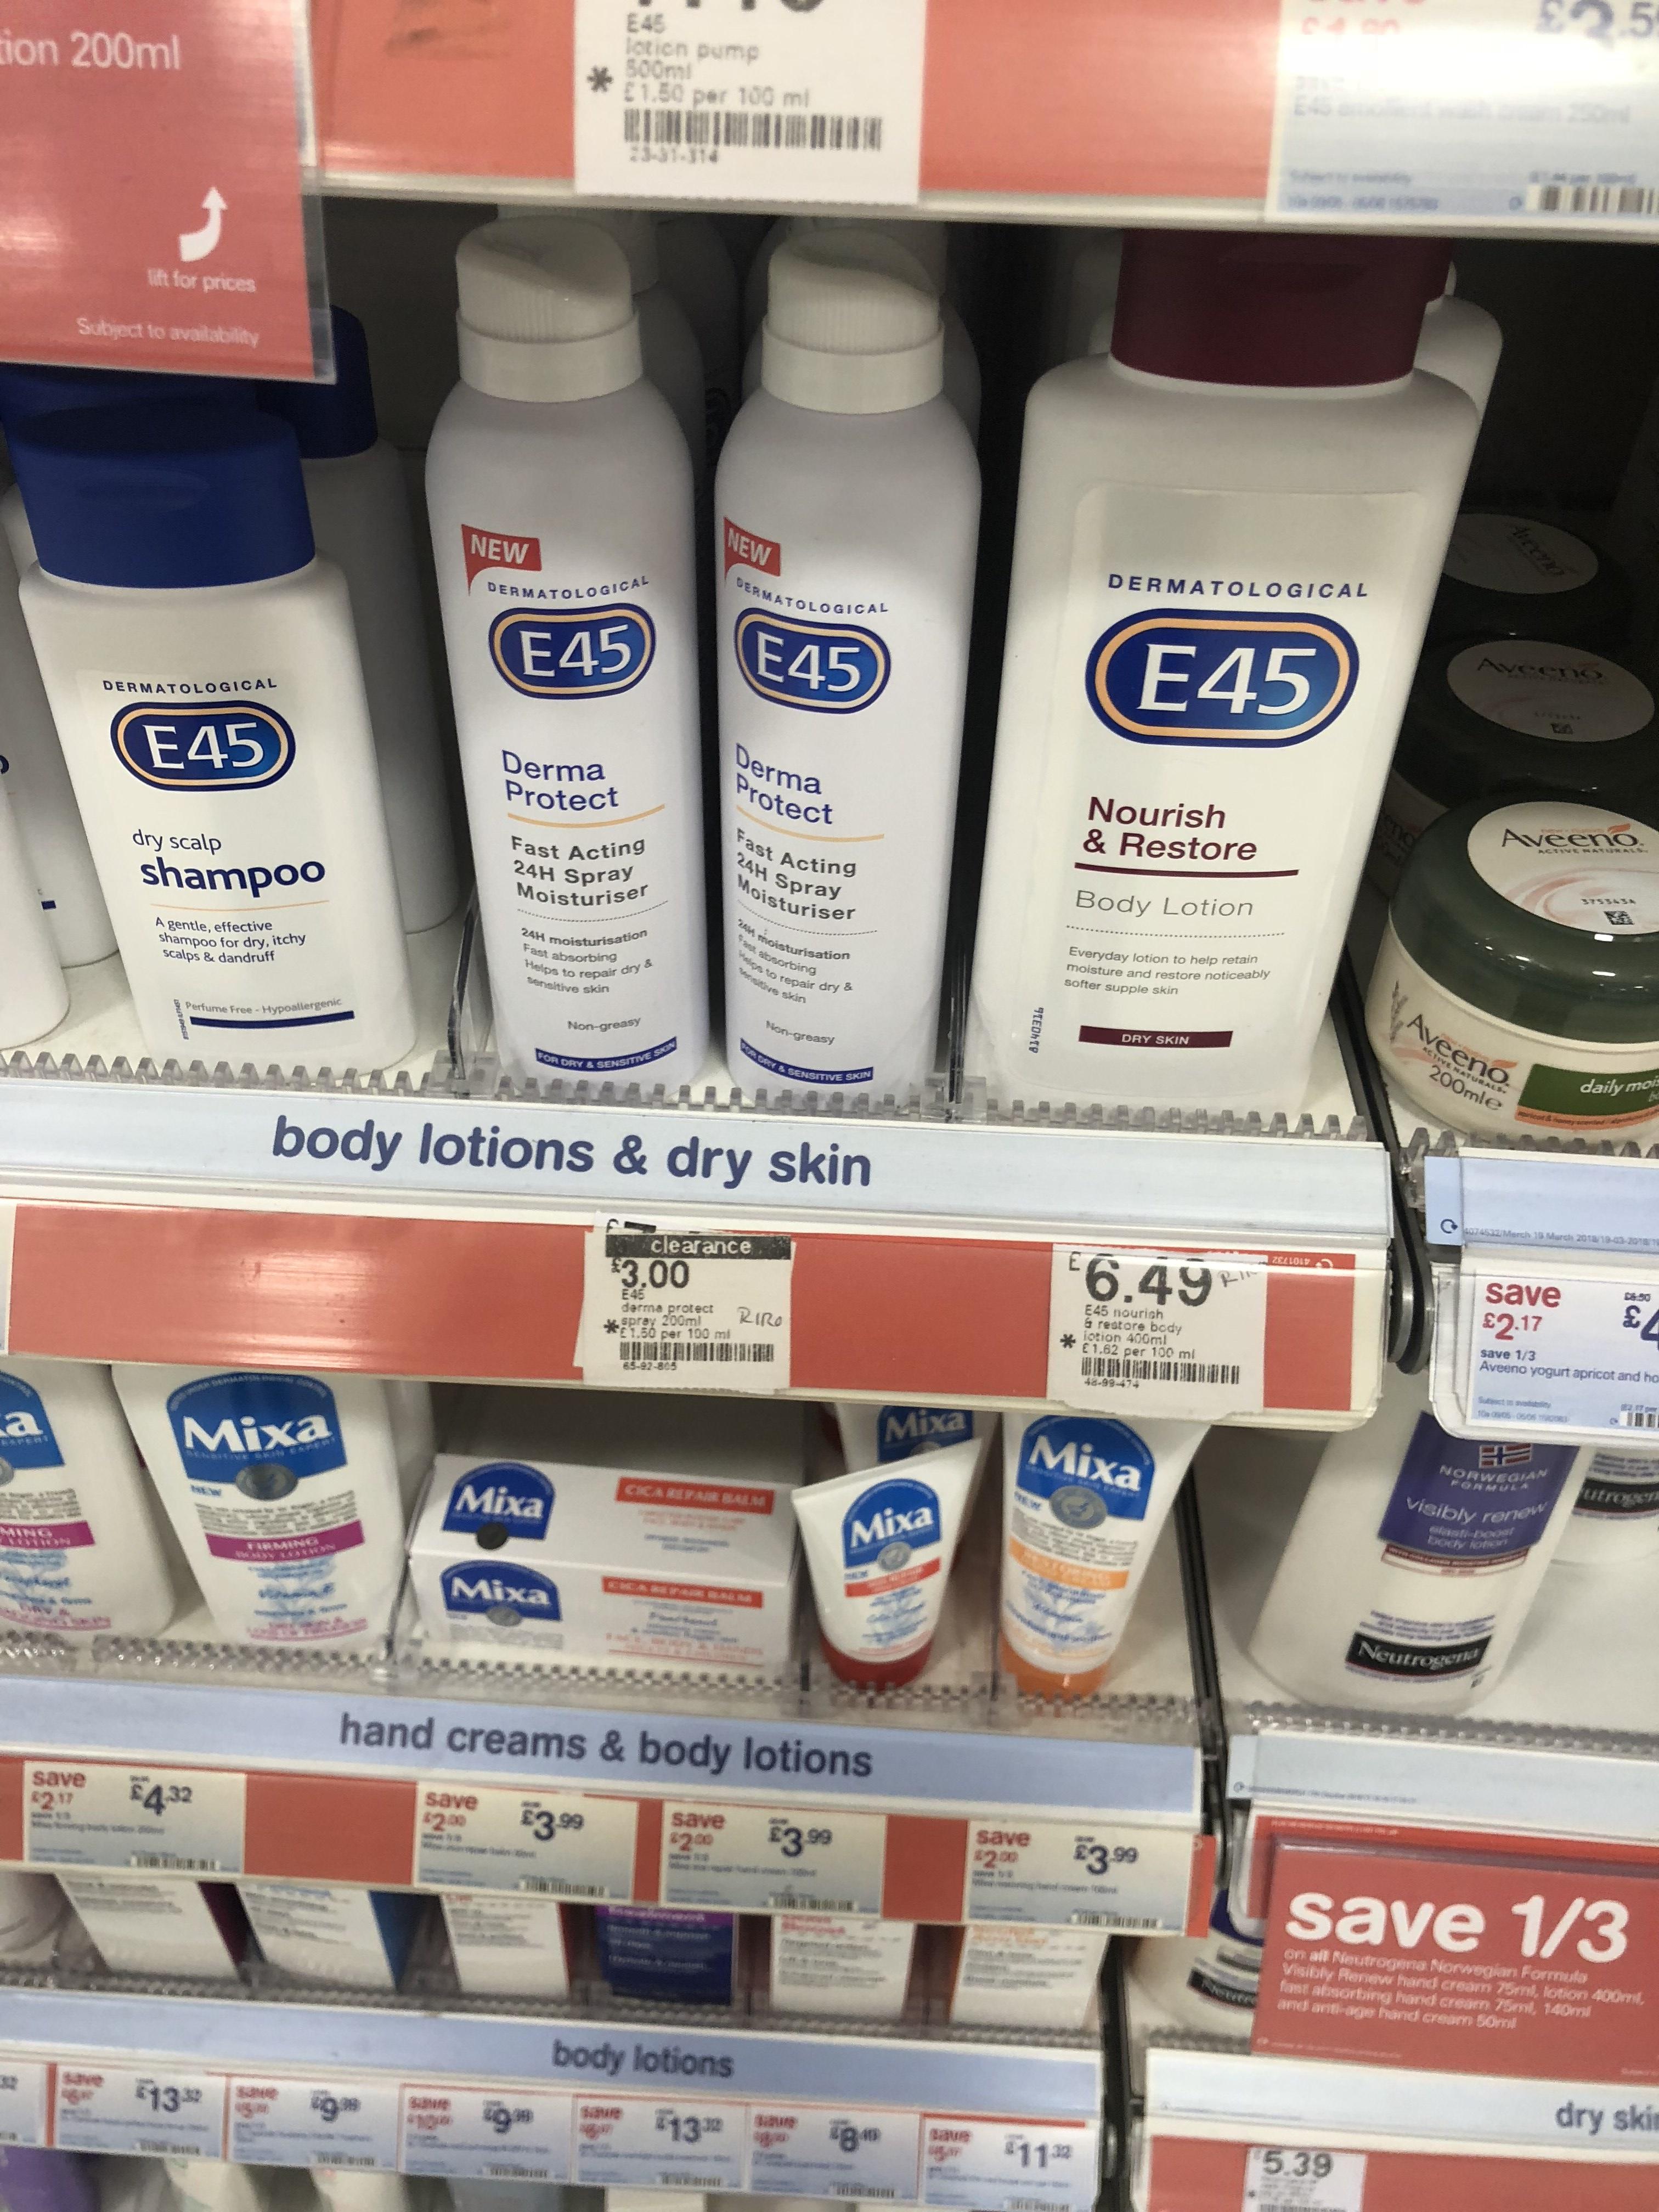 E45 derma protect spray 200ml £3 boots crayford